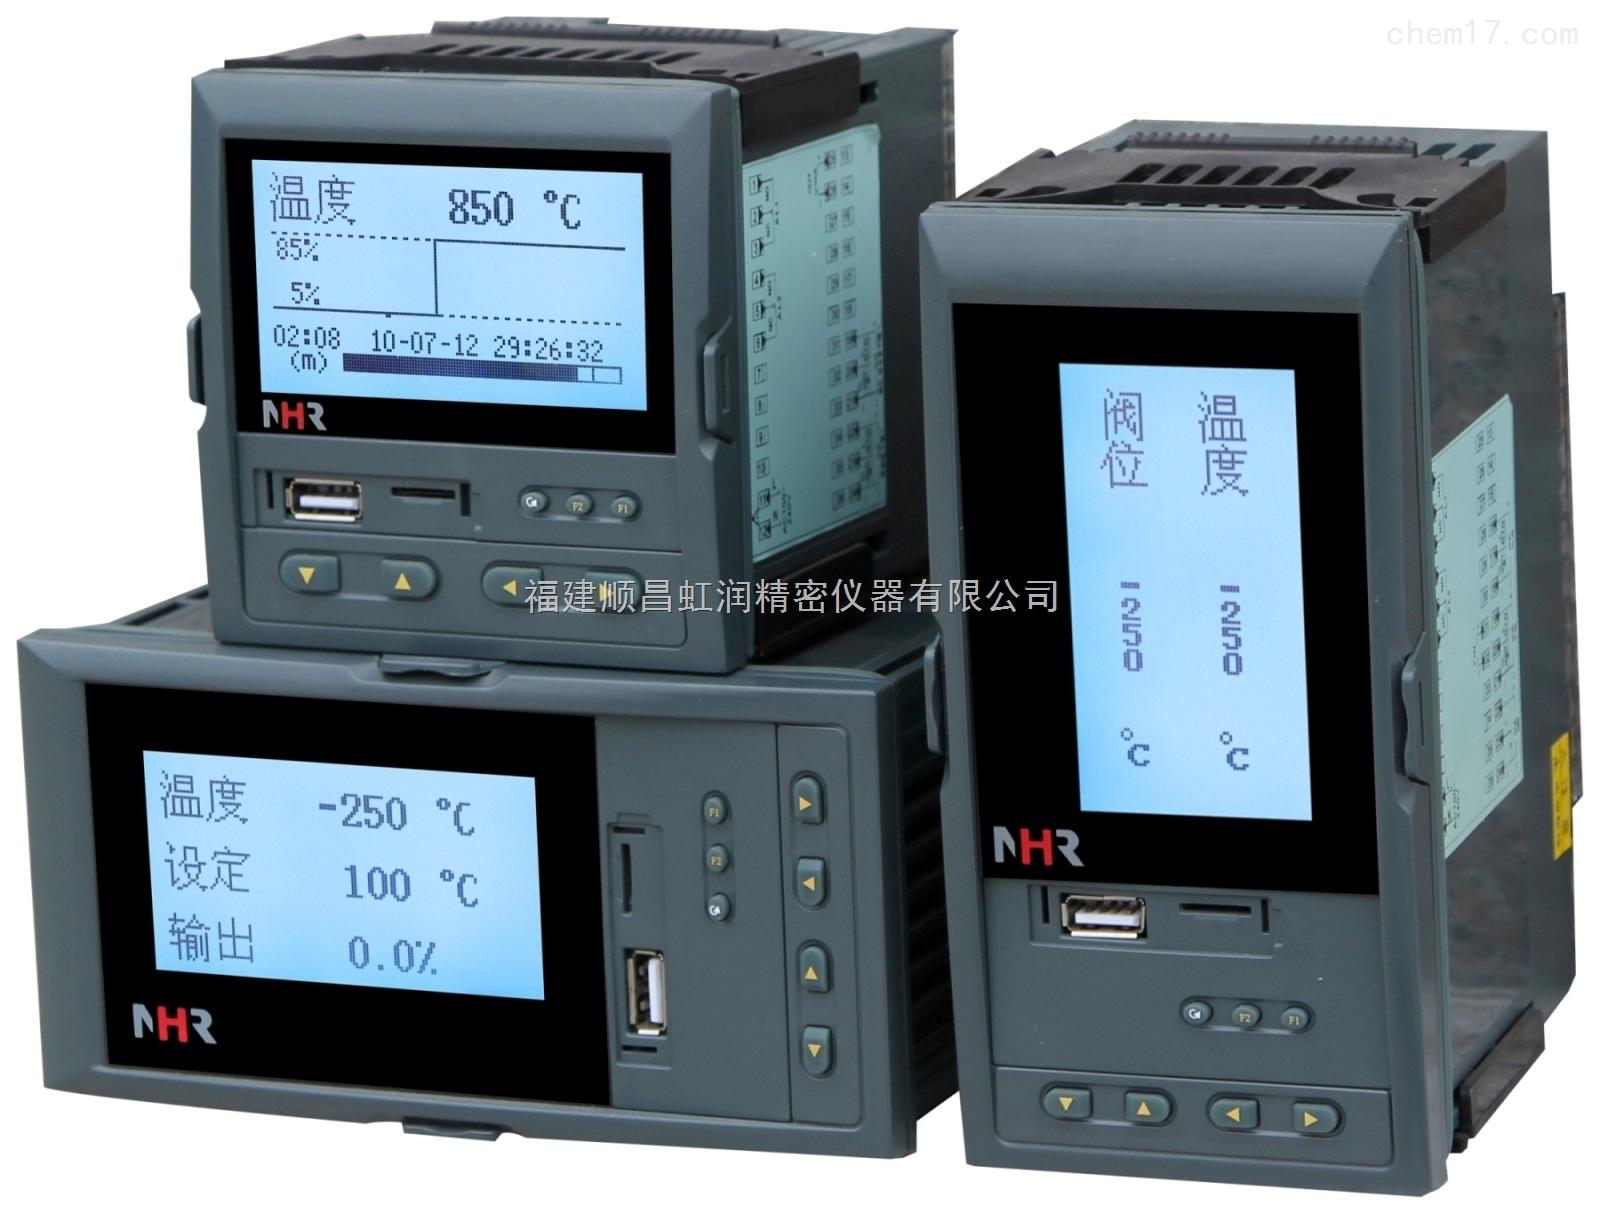 虹润NHR-7300/7300R液晶PID调节器/调节记录仪